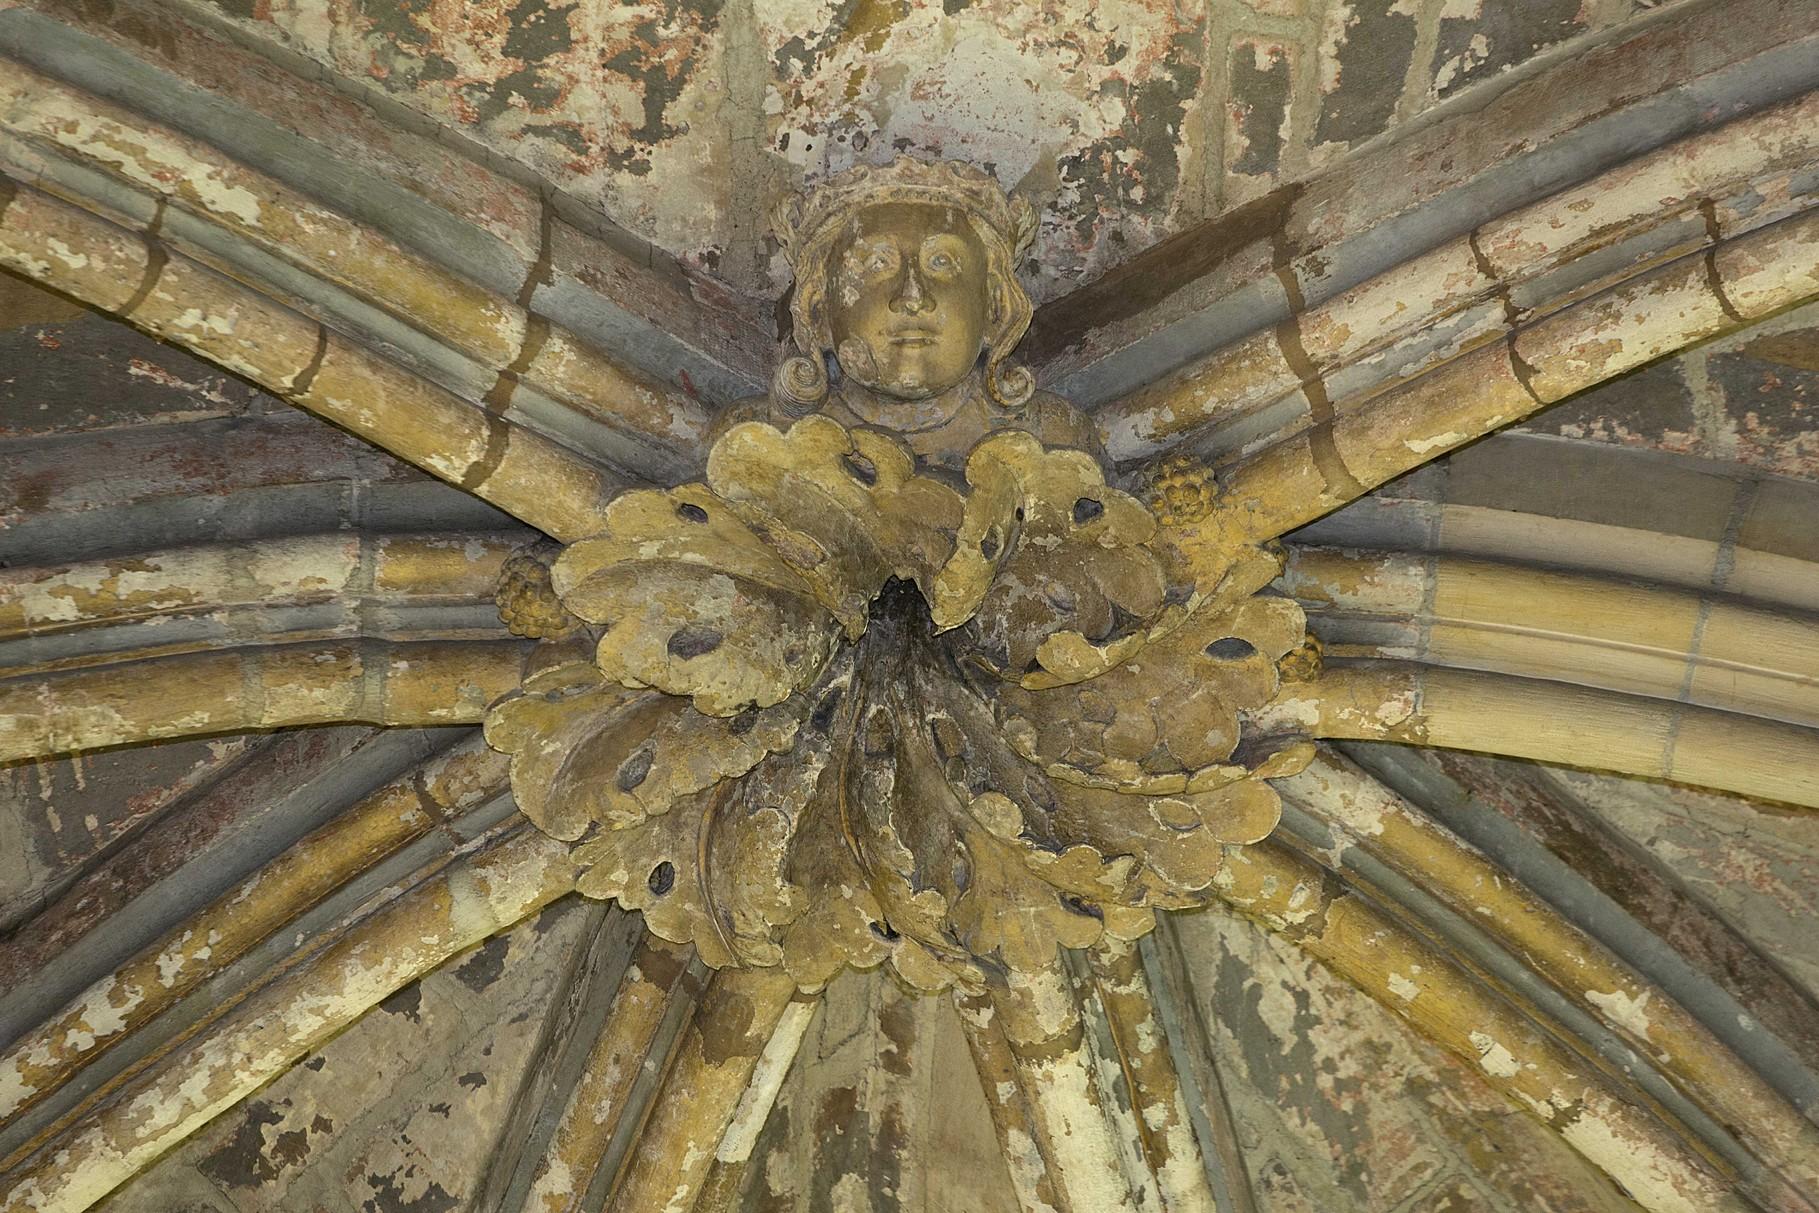 Clé de voûte représentant saint Louis © Musée d'Archéologie nationale - Basile Lippmann